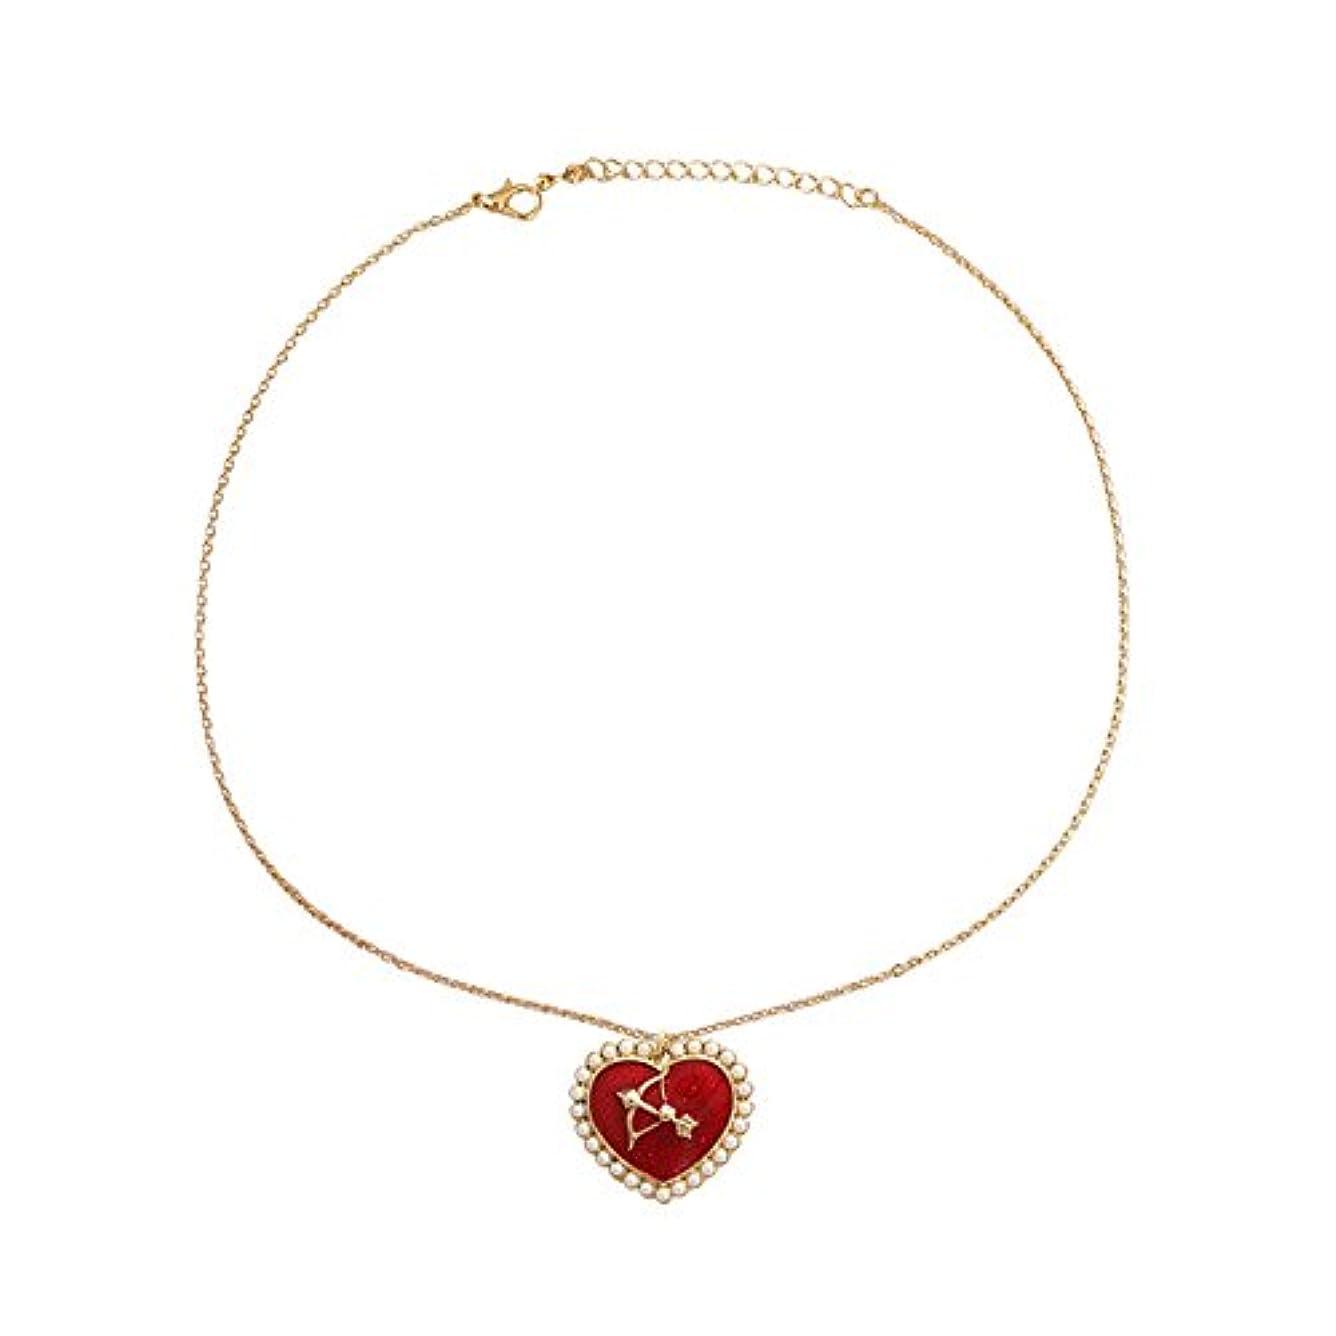 ラメアナログまつげ真珠キューピットネックレス 首のネックレス ハートのネックレス バレンタインデーのプレゼント